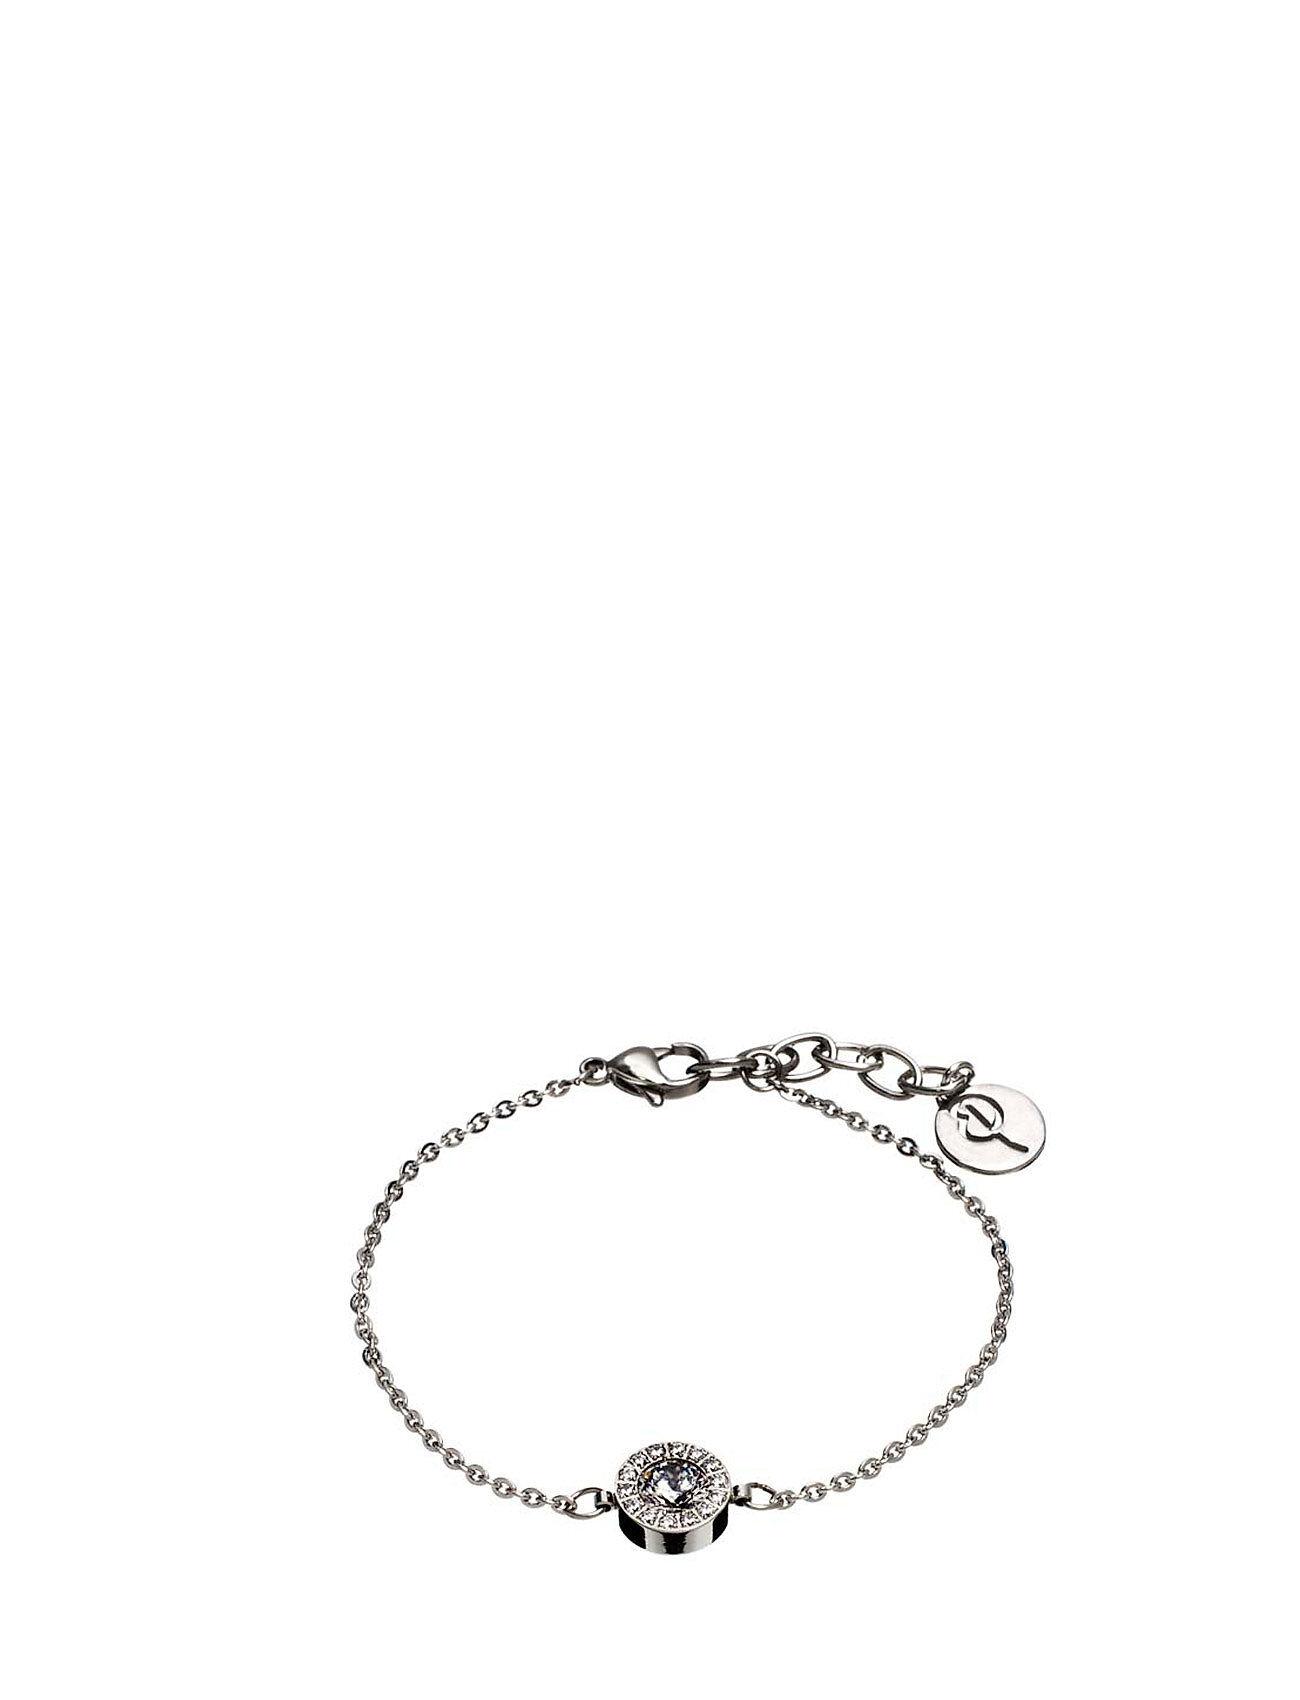 Edblad Thassos Bracelet Accessories Jewellery Bracelets Chain Bracelets Hopea Edblad